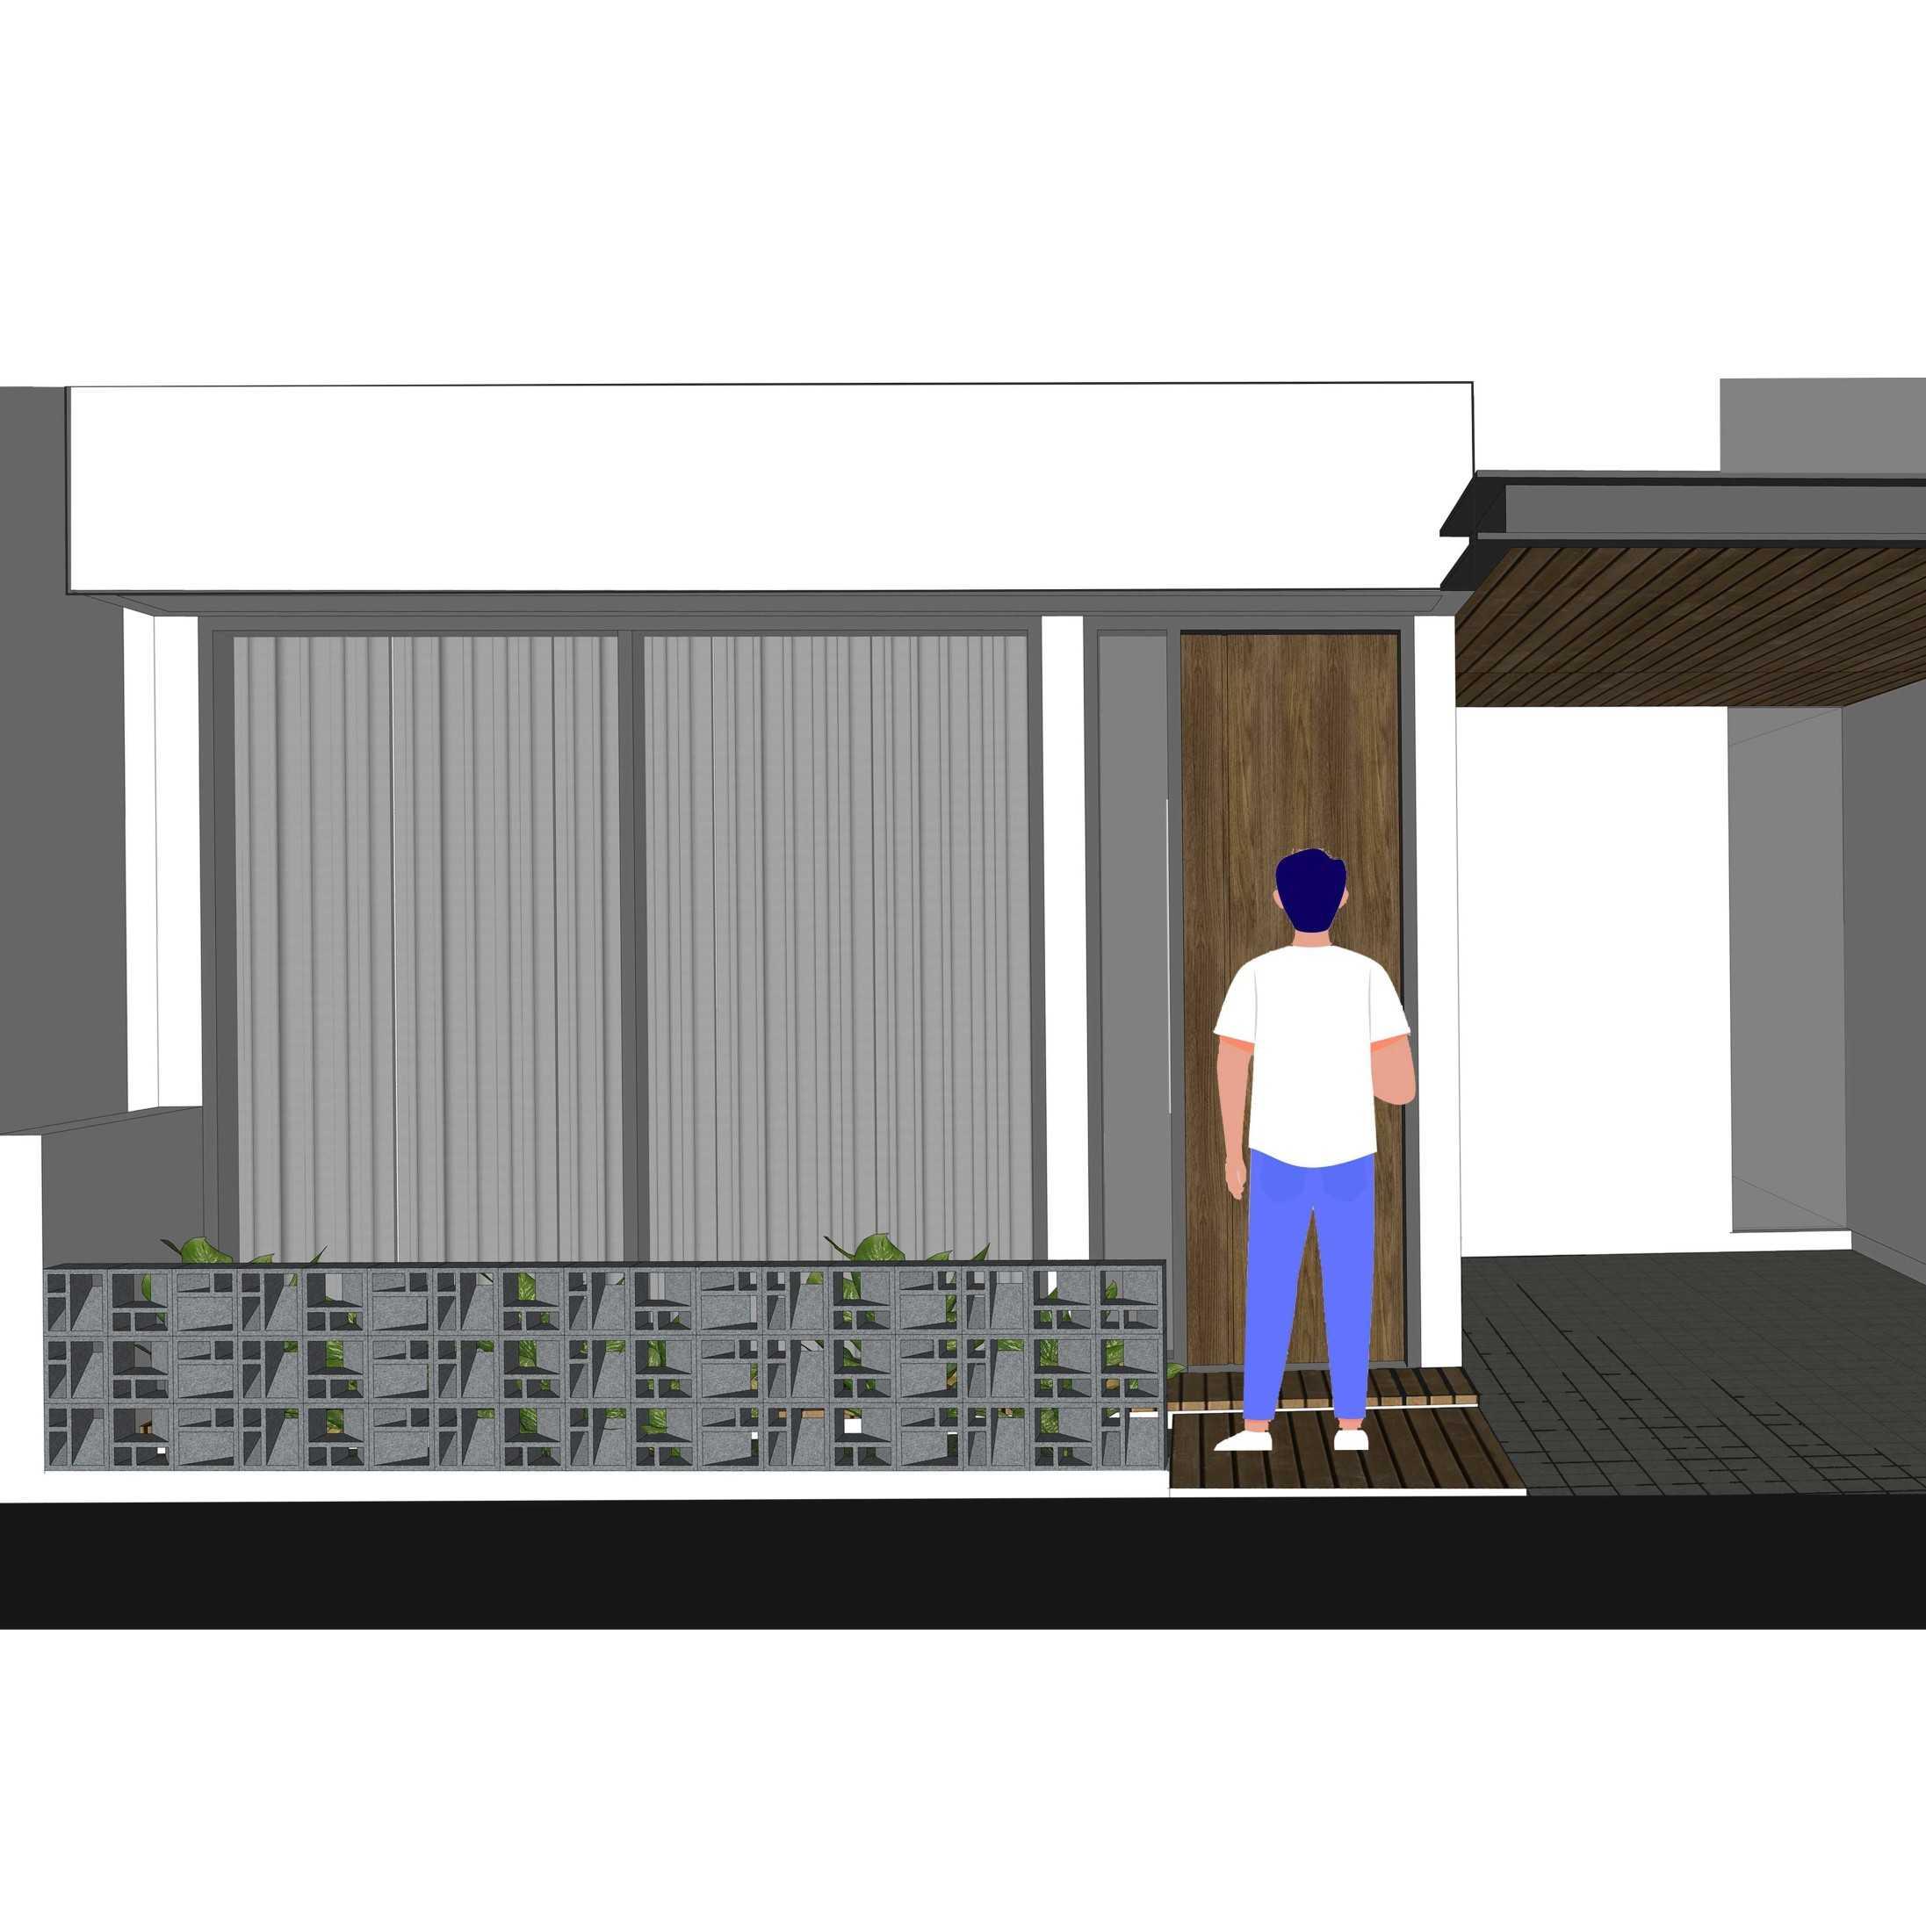 Asakiwari Serpong Garden House Serpong Garden, Cibogo, Kec. Cisauk, Tangerang, Banten 15344, Indonesia Serpong Garden, Cibogo, Kec. Cisauk, Tangerang, Banten 15344, Indonesia Asakiwari-Serpong-Garden-House  98786